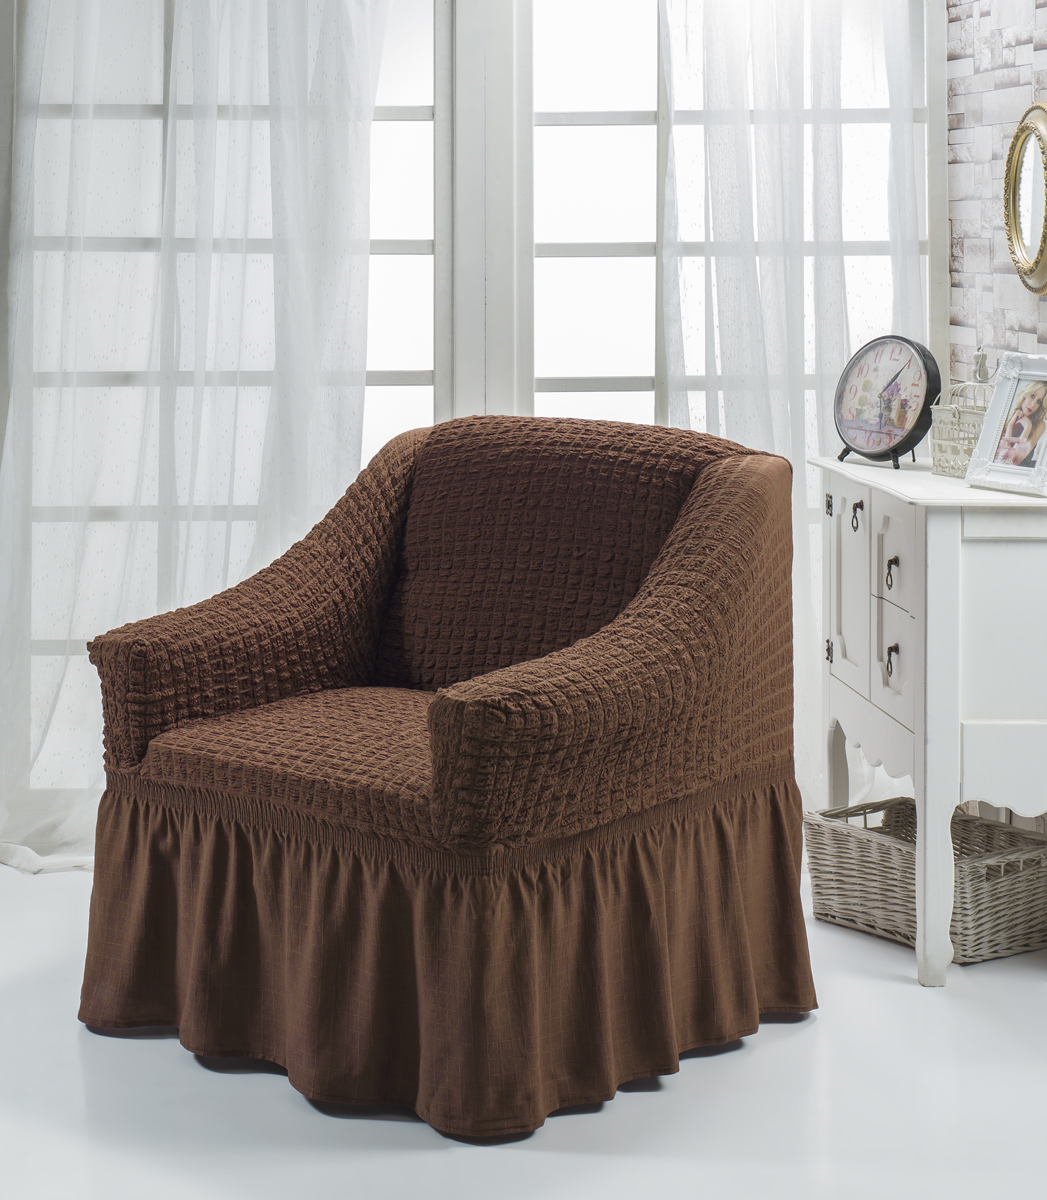 Комплект 2 чехла на кресла